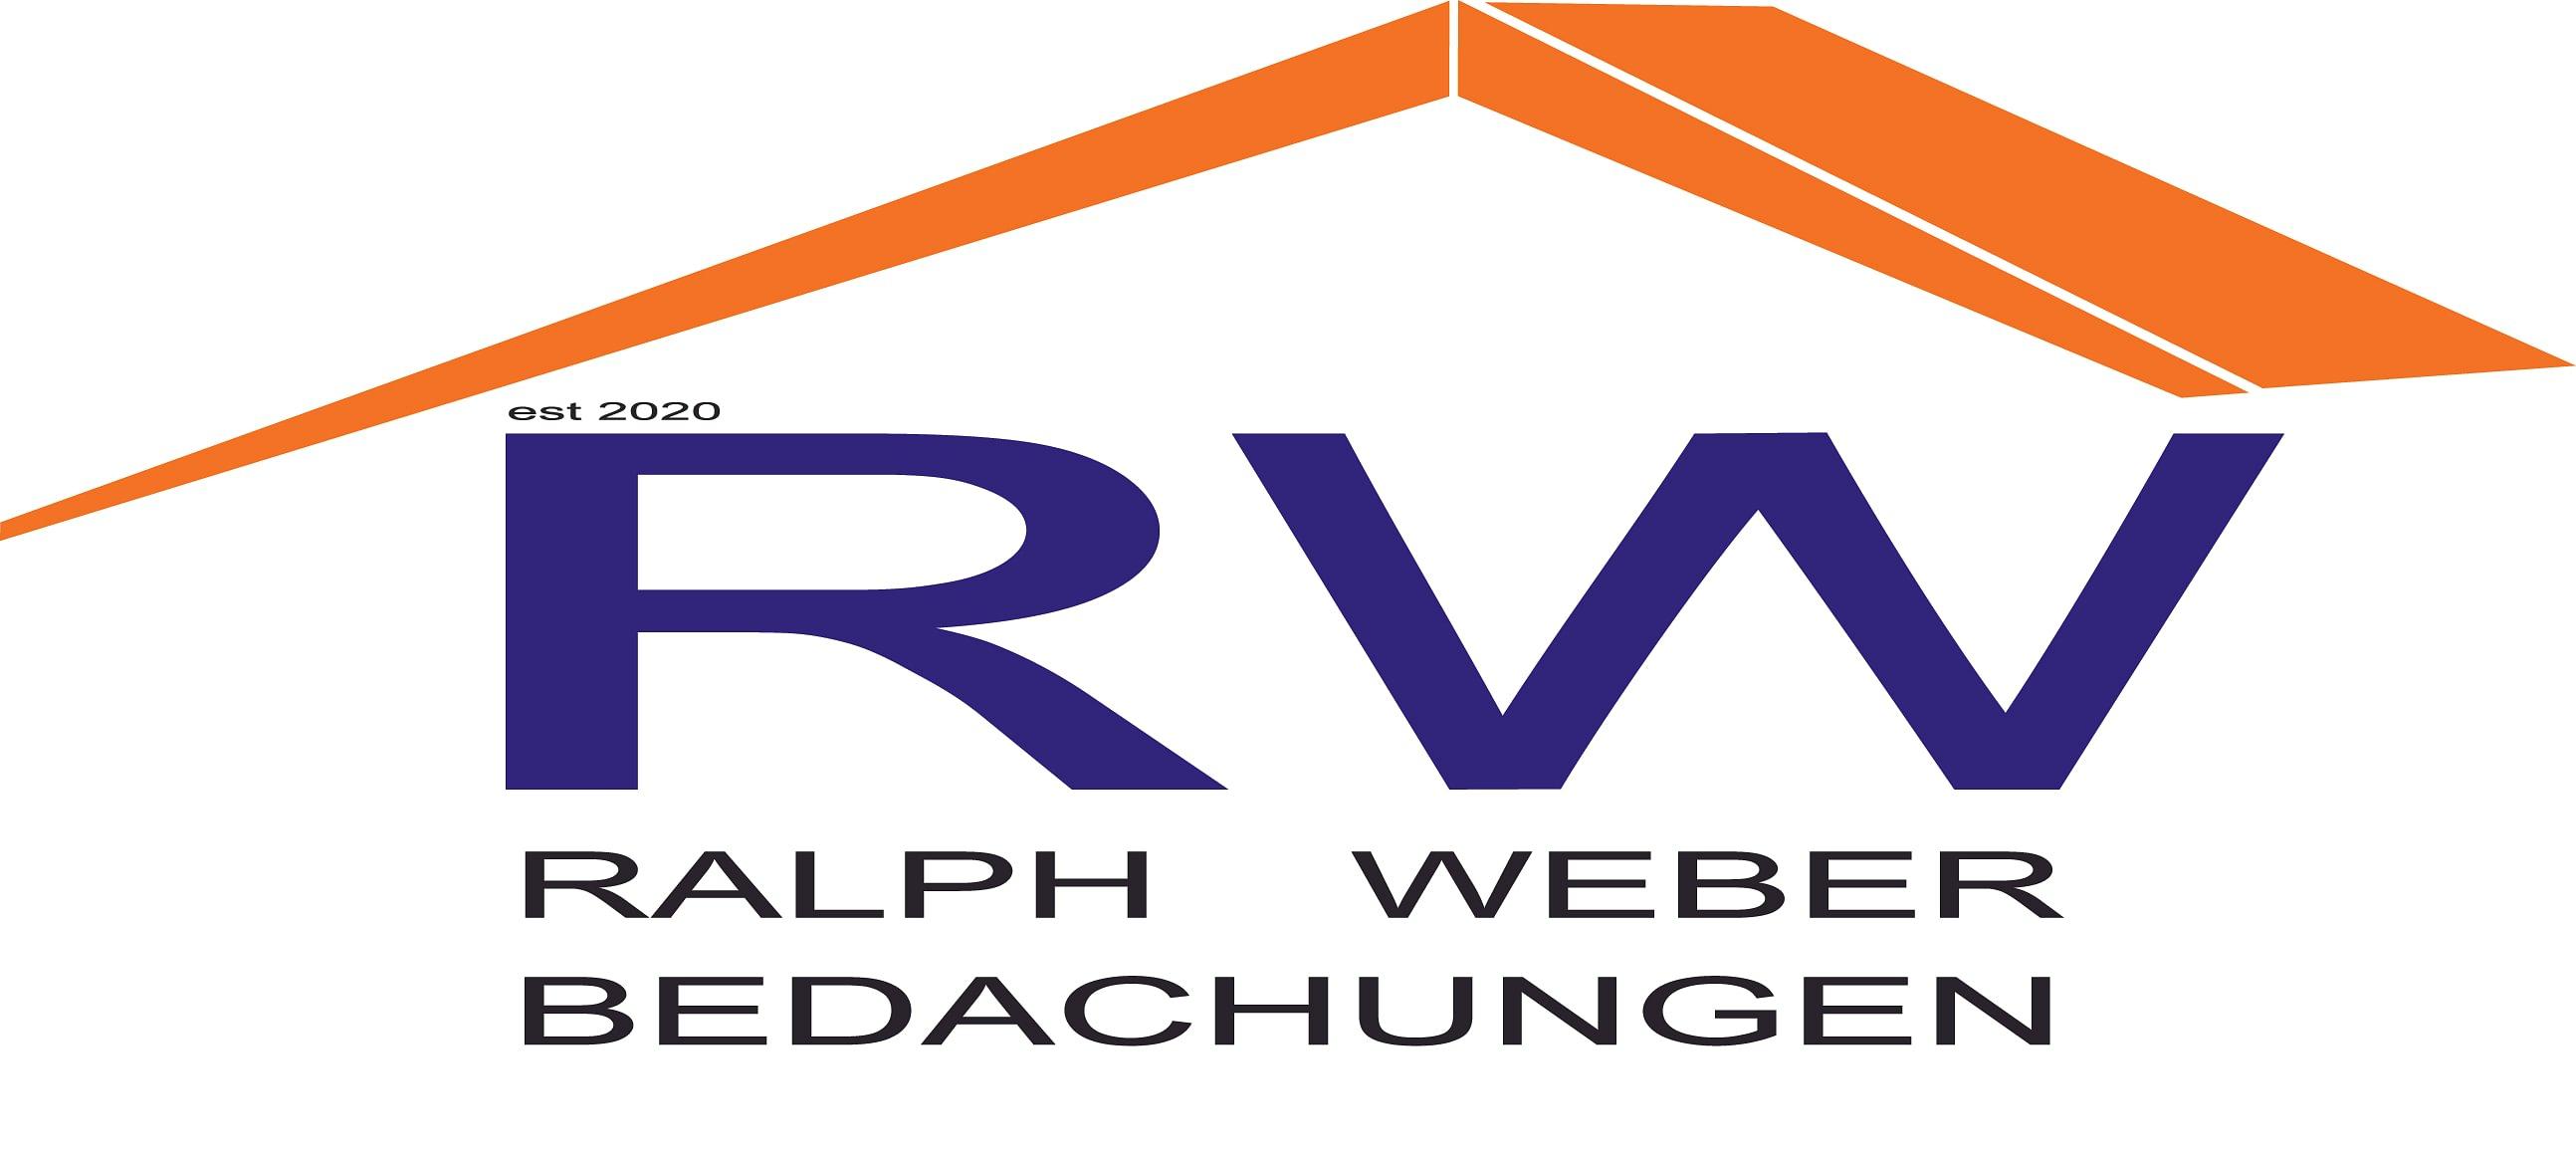 Ralph Weber Bedachungen